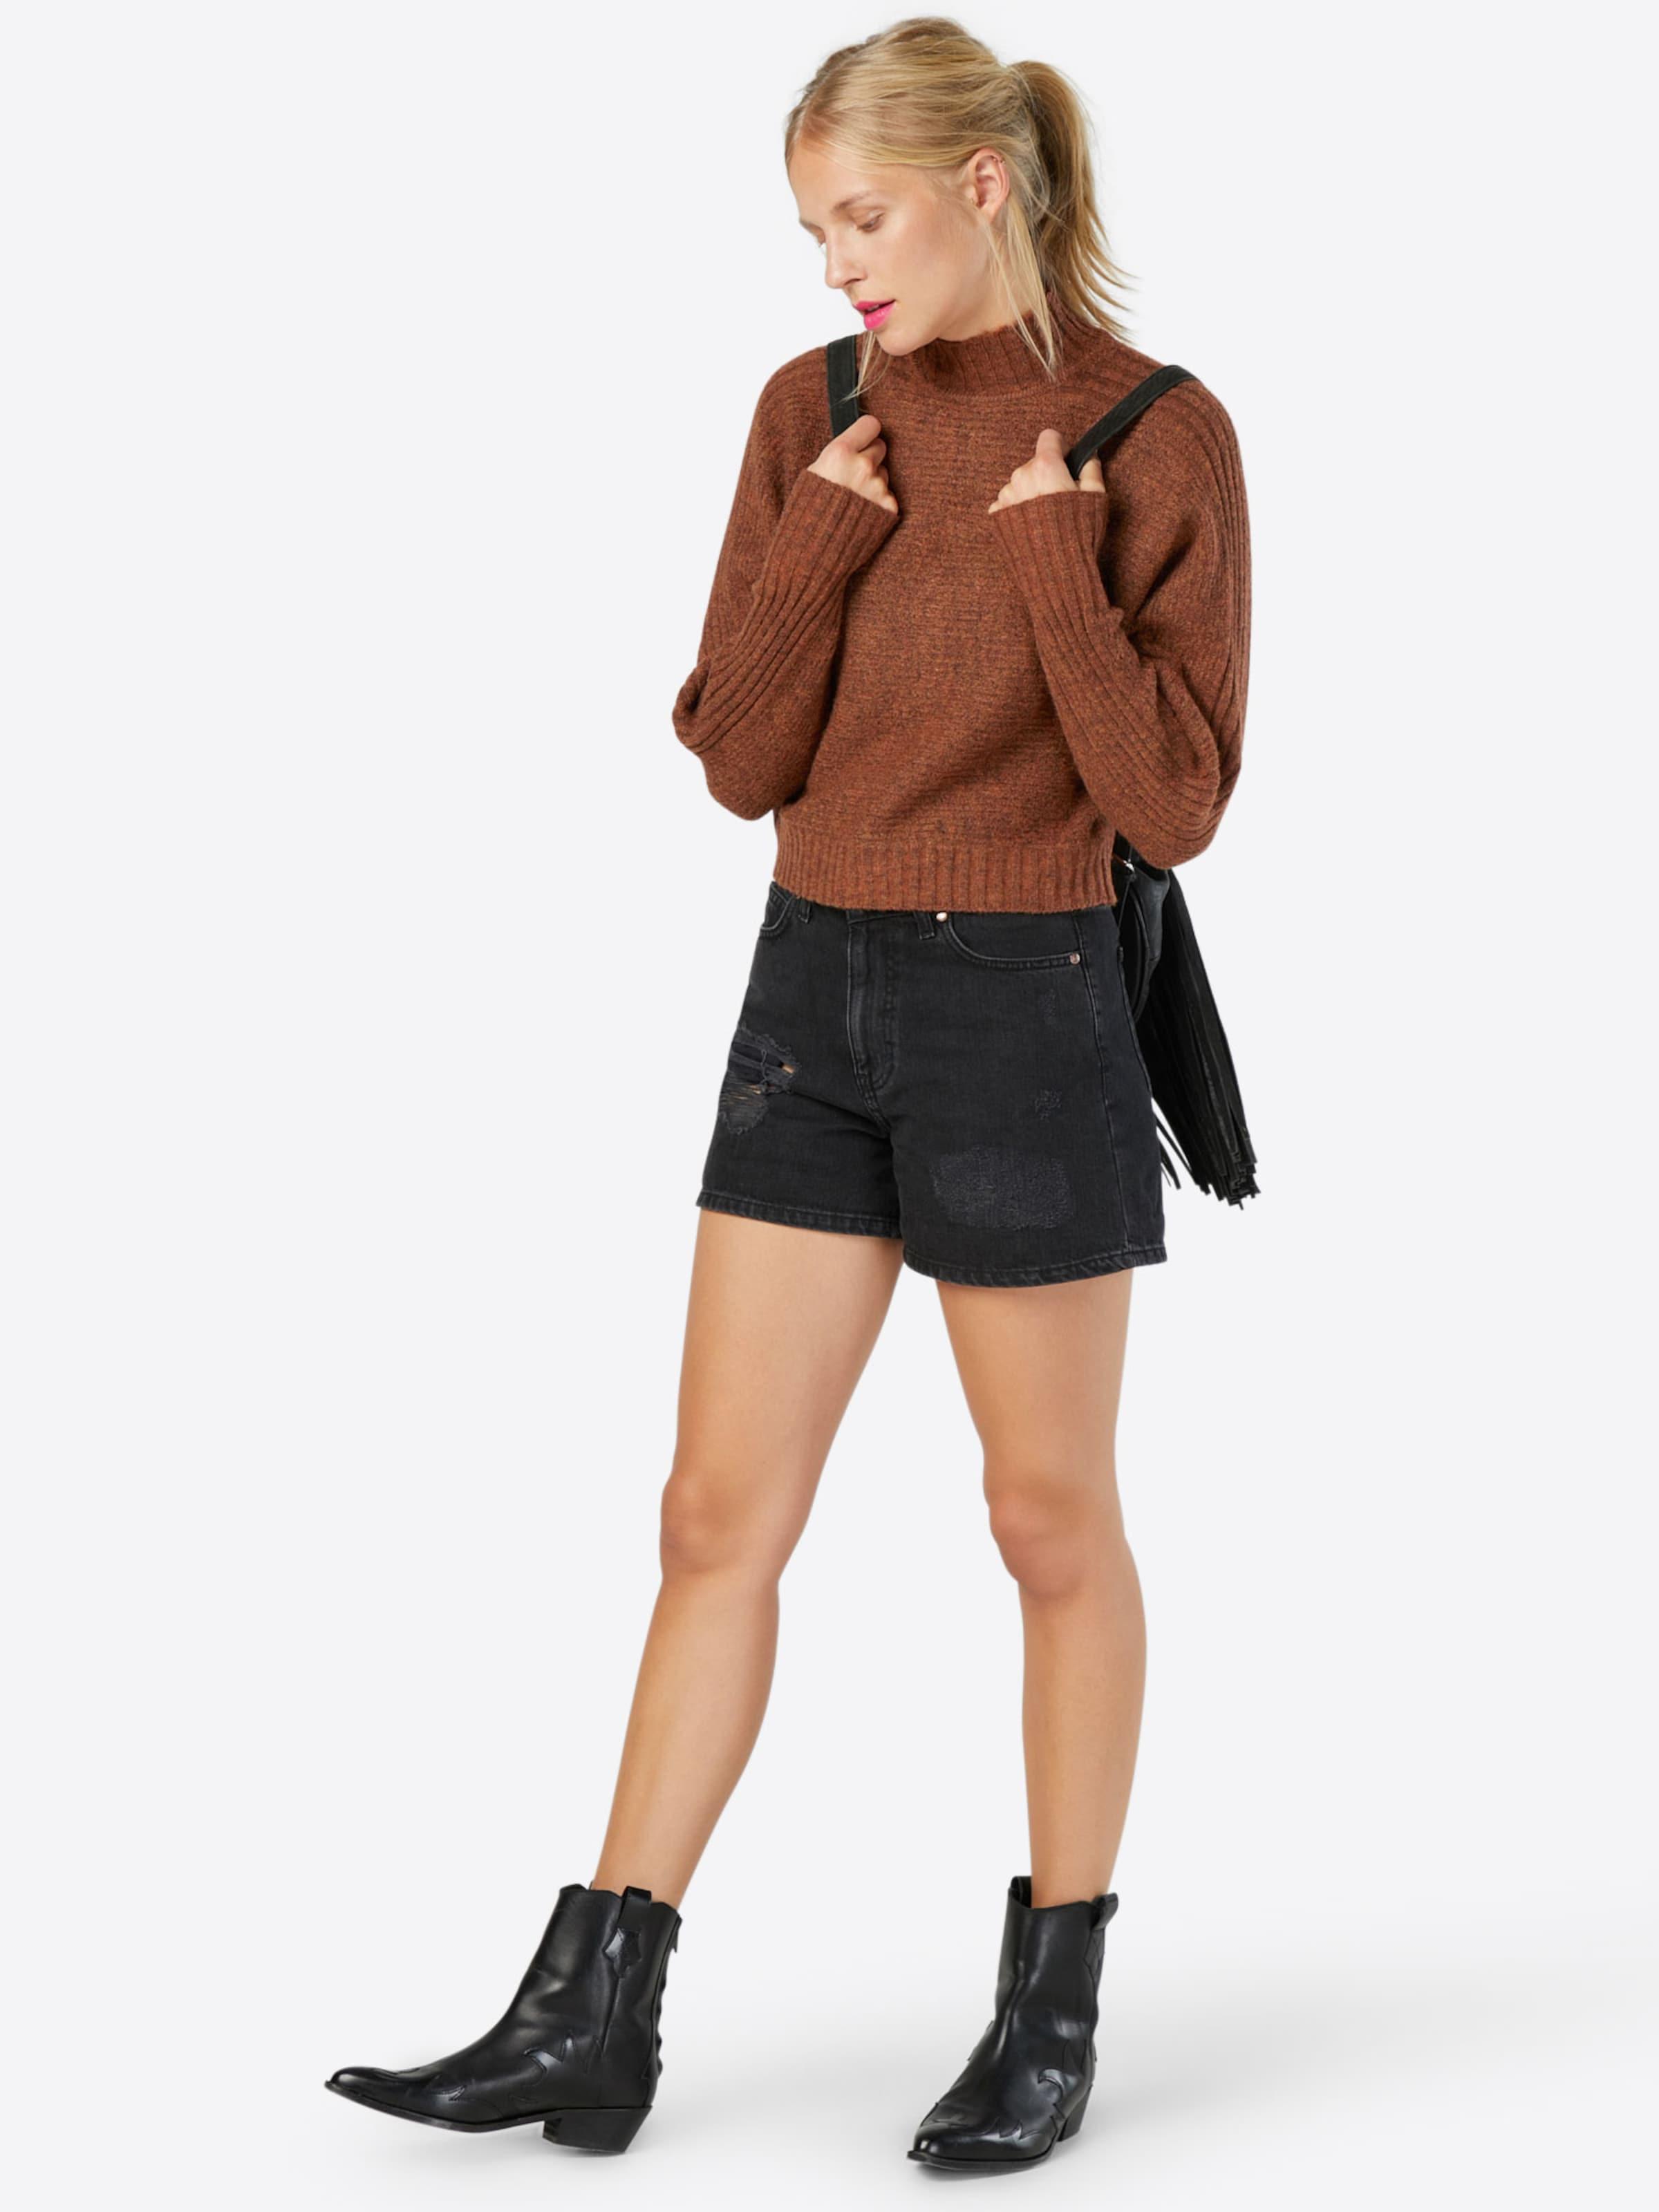 NEW LOOK Pullover 'C: OP: BRIE RIBBED BATWING JUM' Online Billigsten Rabatt Zum Verkauf Günstigen Preis Aus Deutschland Online-Verkauf MHfH21RT